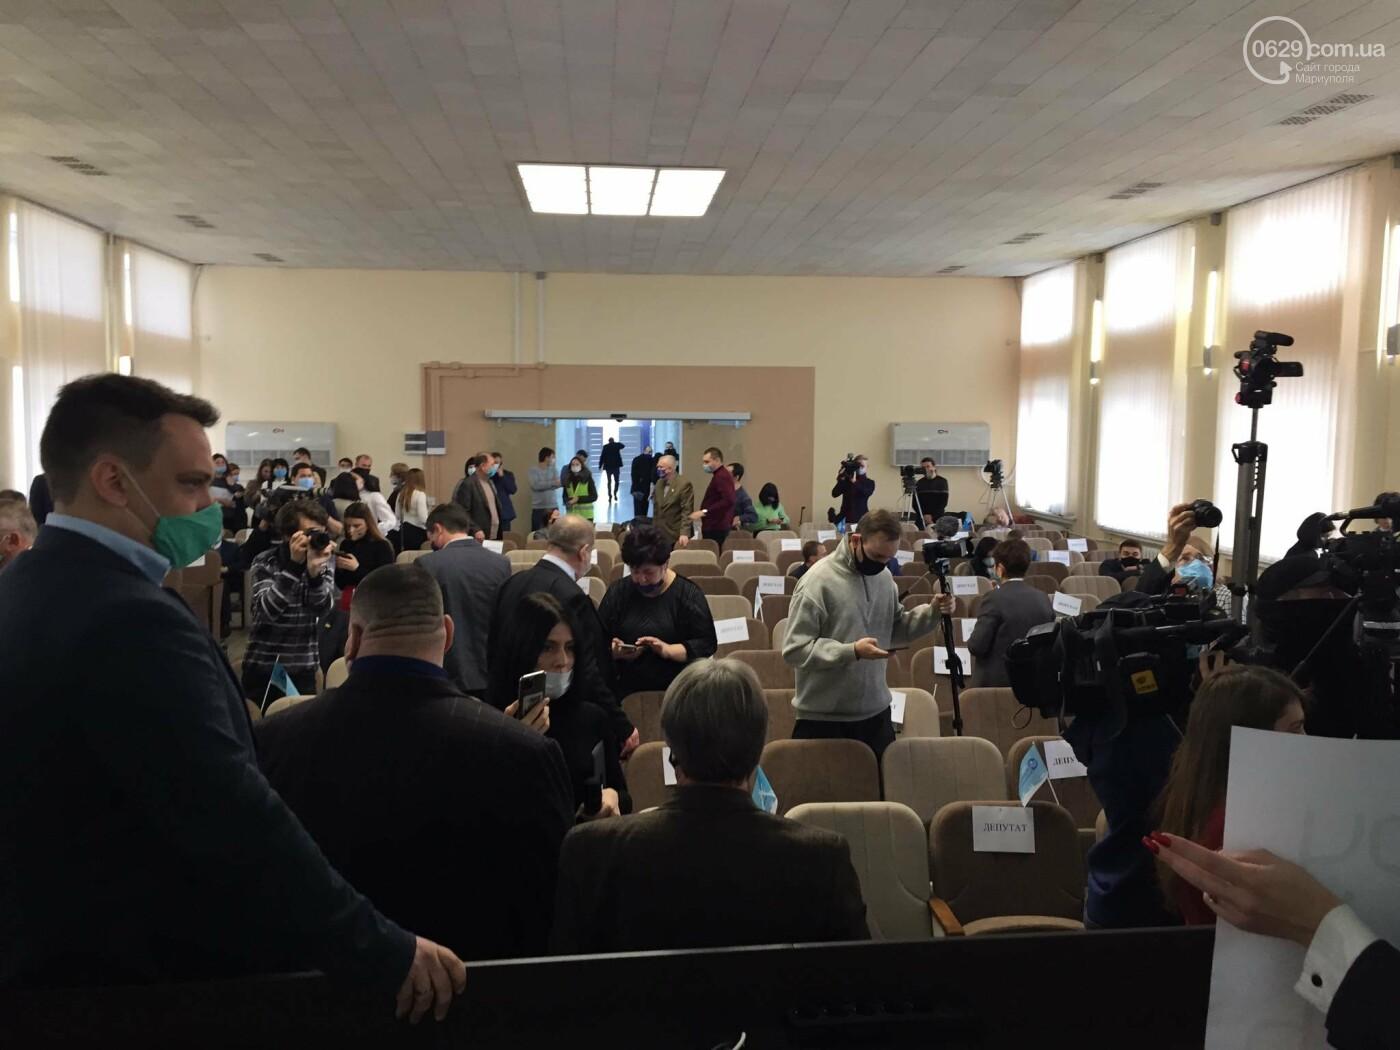 Драка в сессионном зале Мариуполя. Бойченко призвал правоохранителей и объявил перерыв, - СТРИМ, ФОТО, фото-8